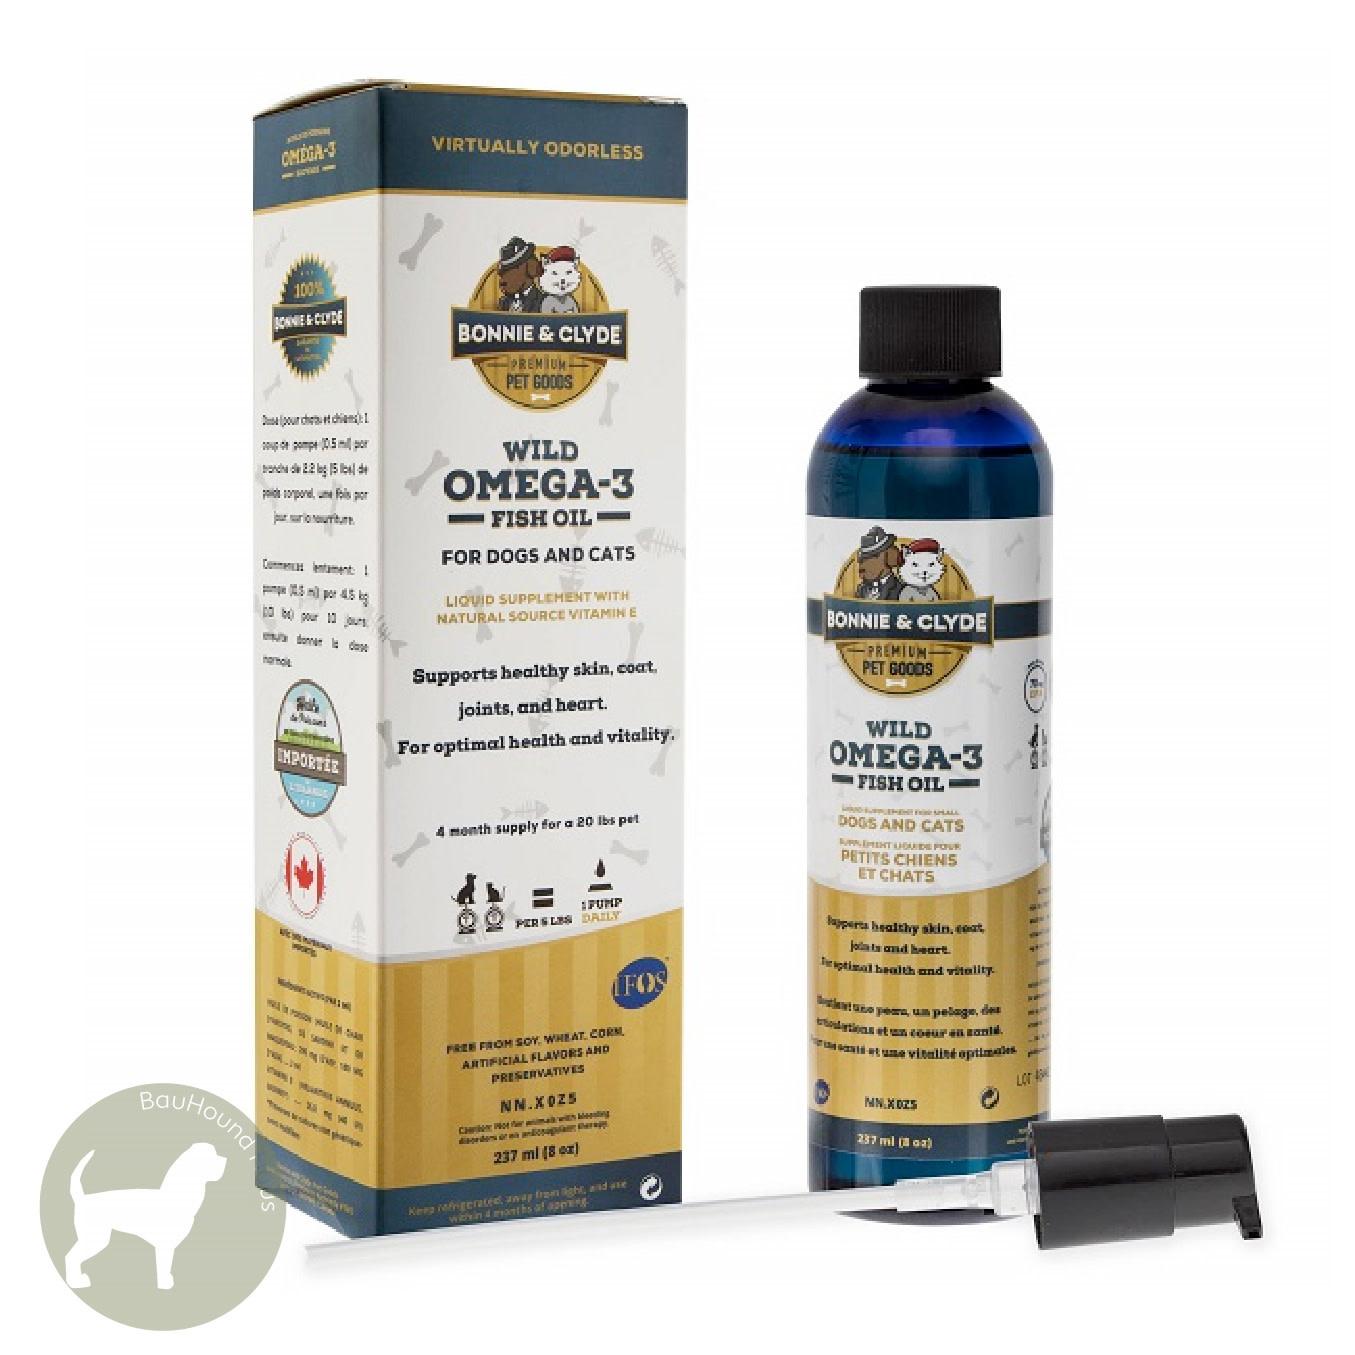 Bonnie & Clyde Bonnie & Clyde Wild Omega-3 Fish Oil, 237ml